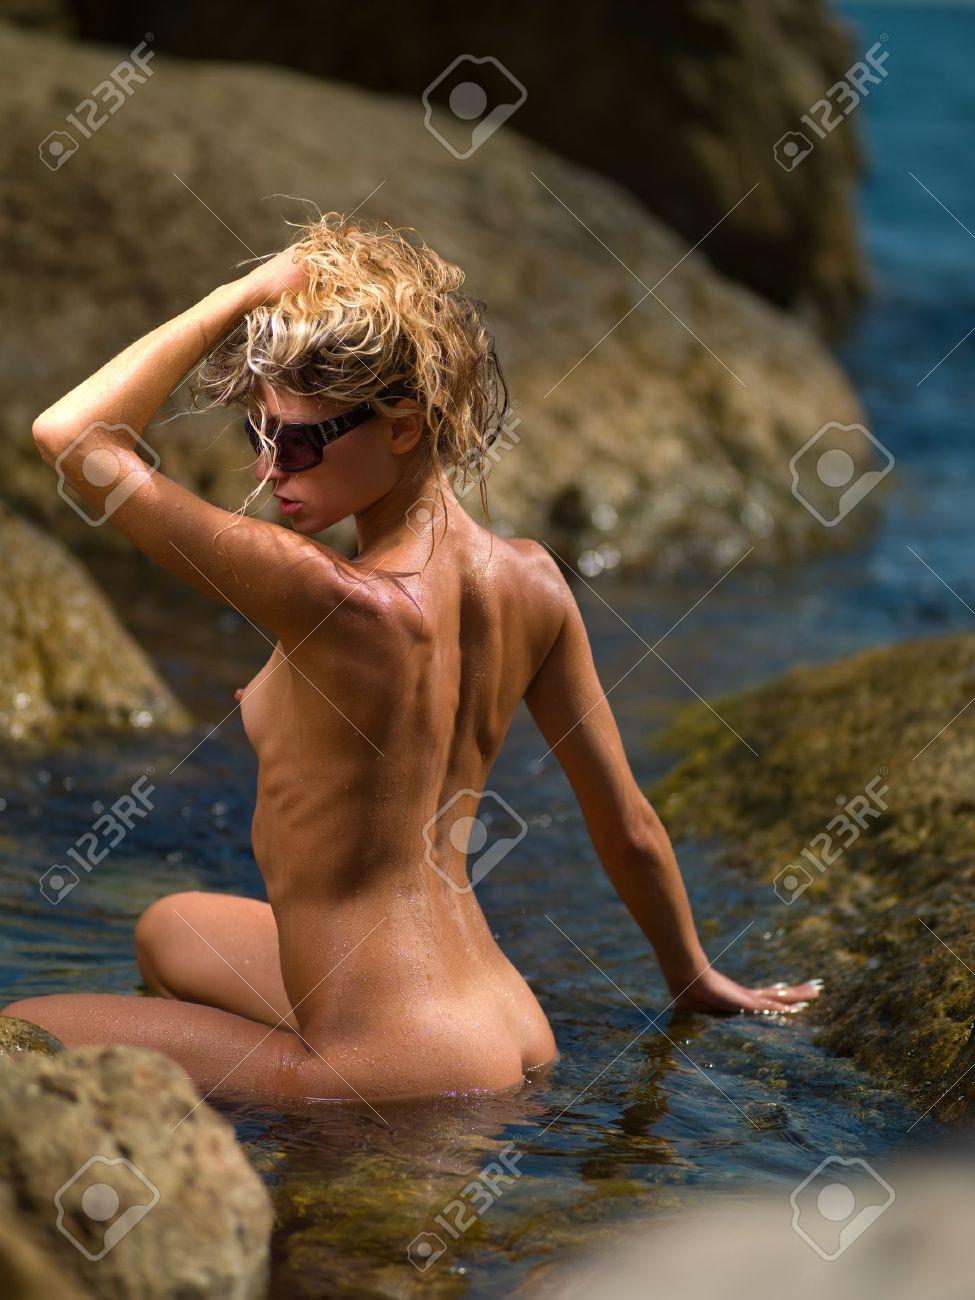 Porn girl wearing panty